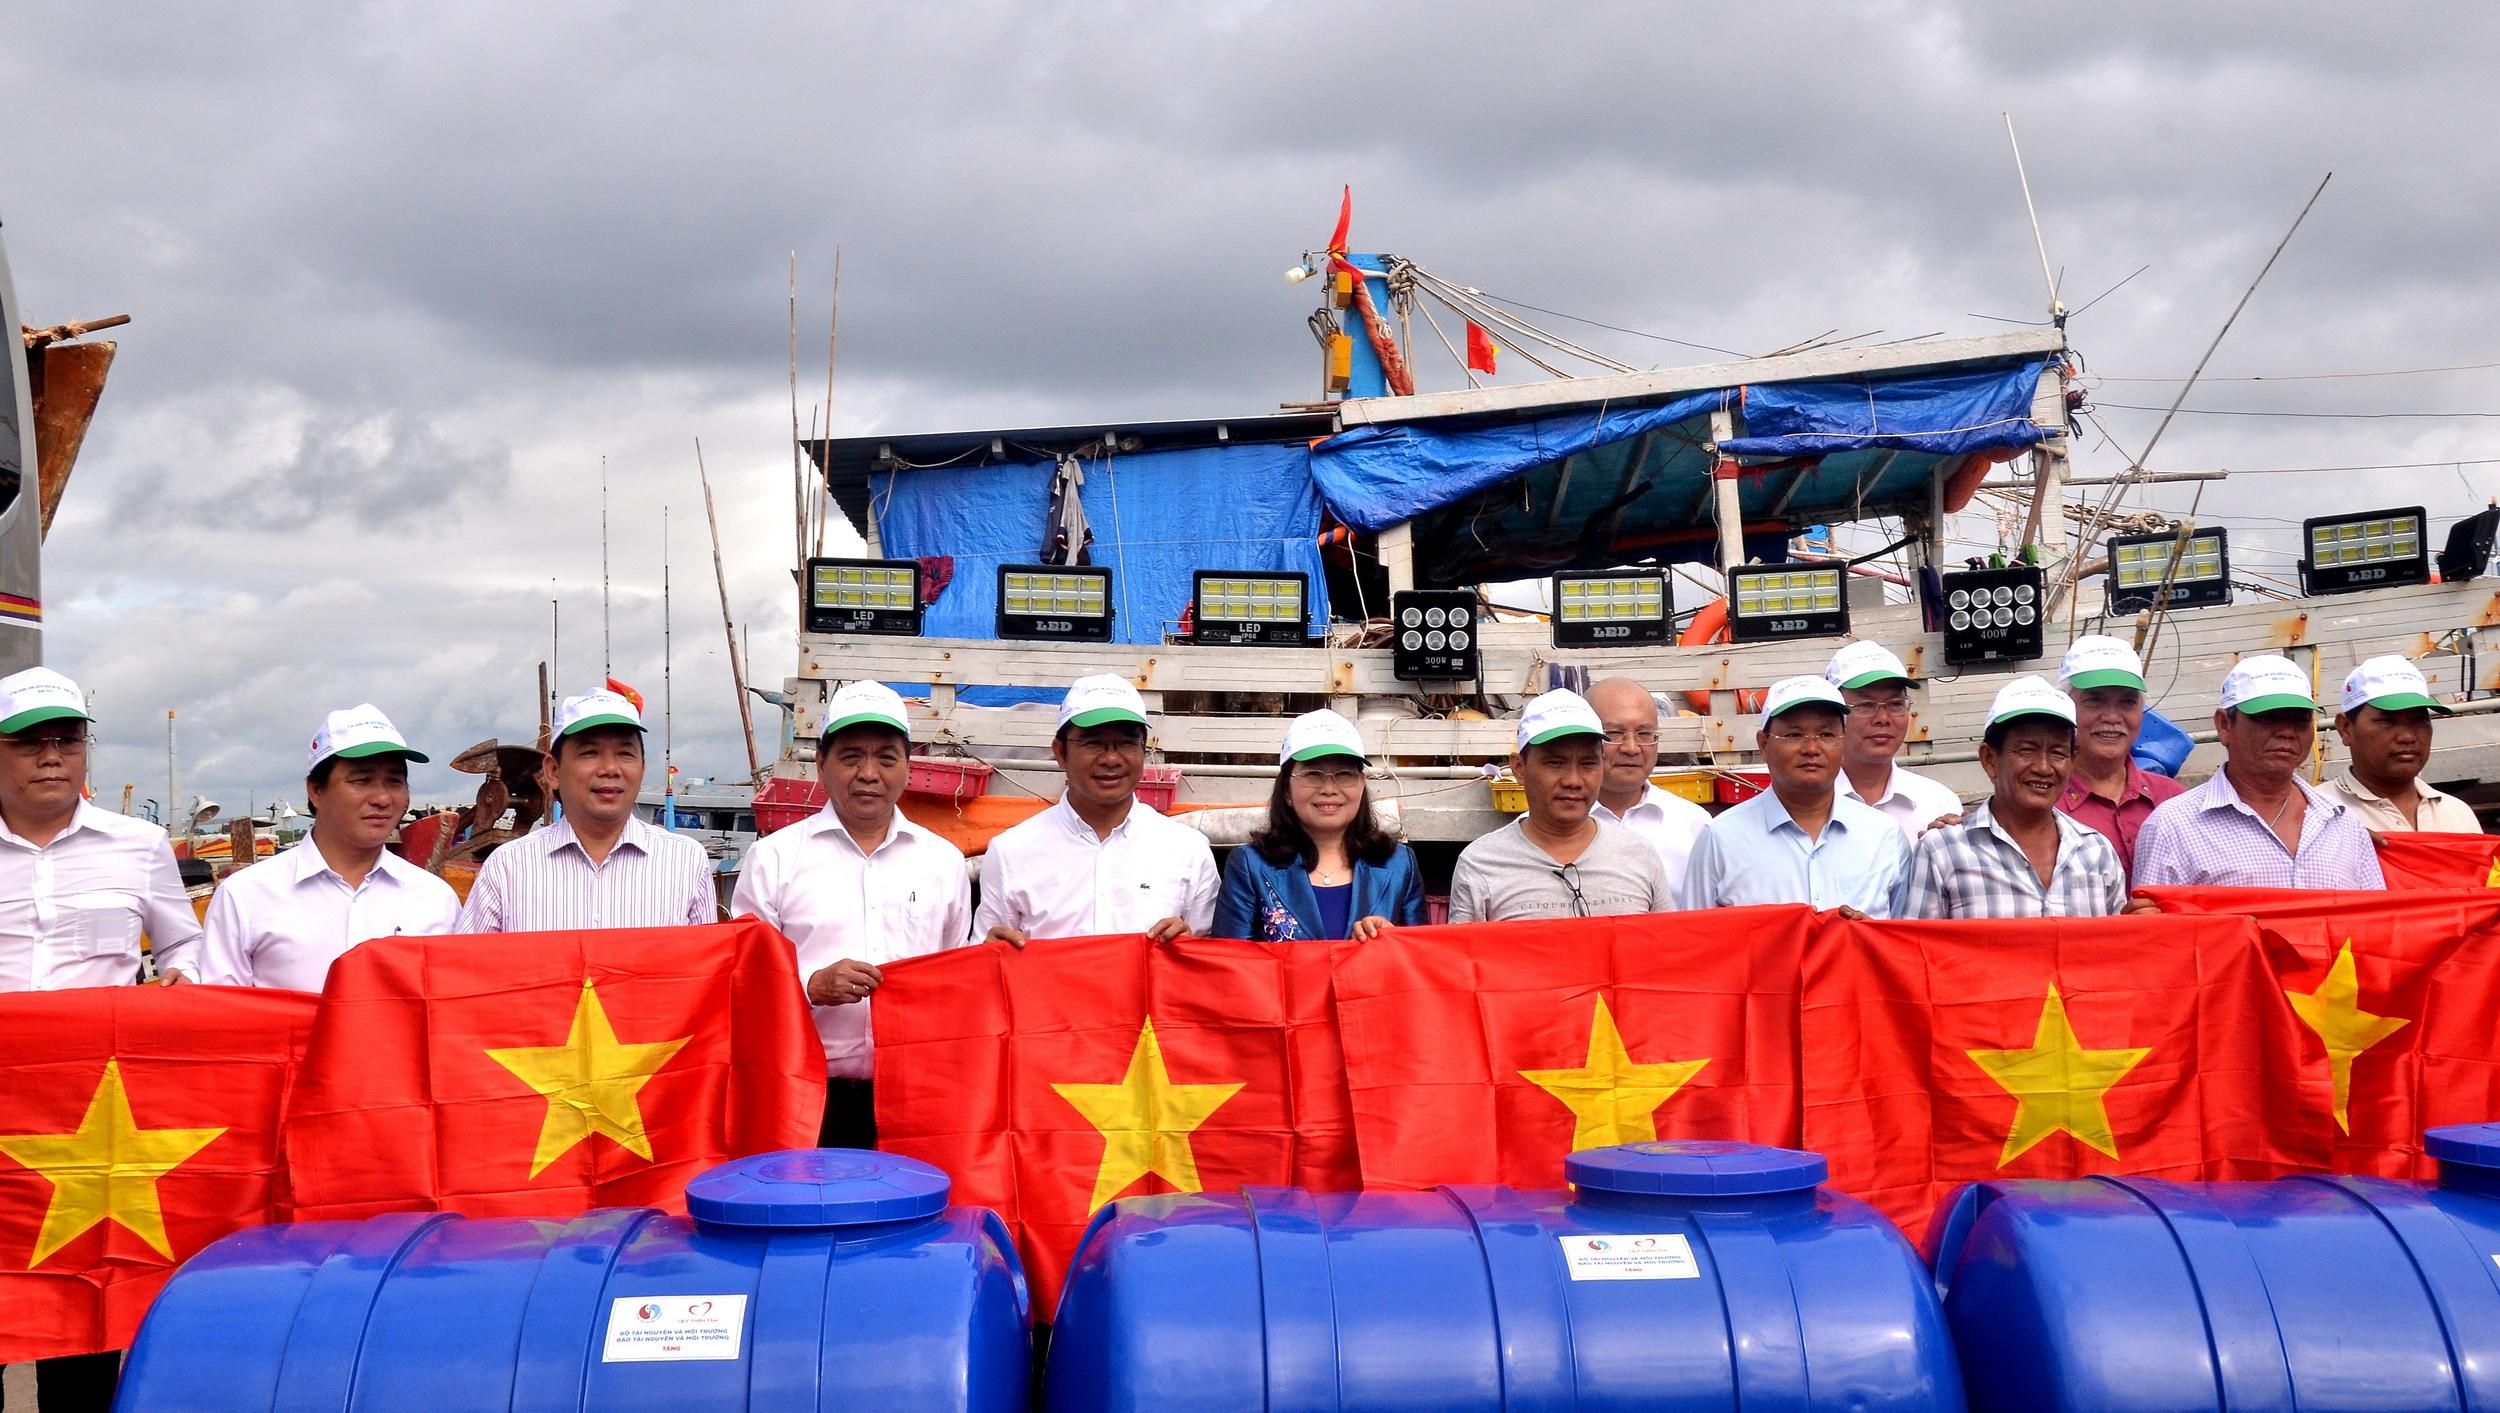 BTC trao tặng 300 bồn chứa nước ngọt chuyên dùng với dung tích 1.000 lít và 3.000 lá cờ Tổ quốc cho ngư dân tỉnh BR-VT